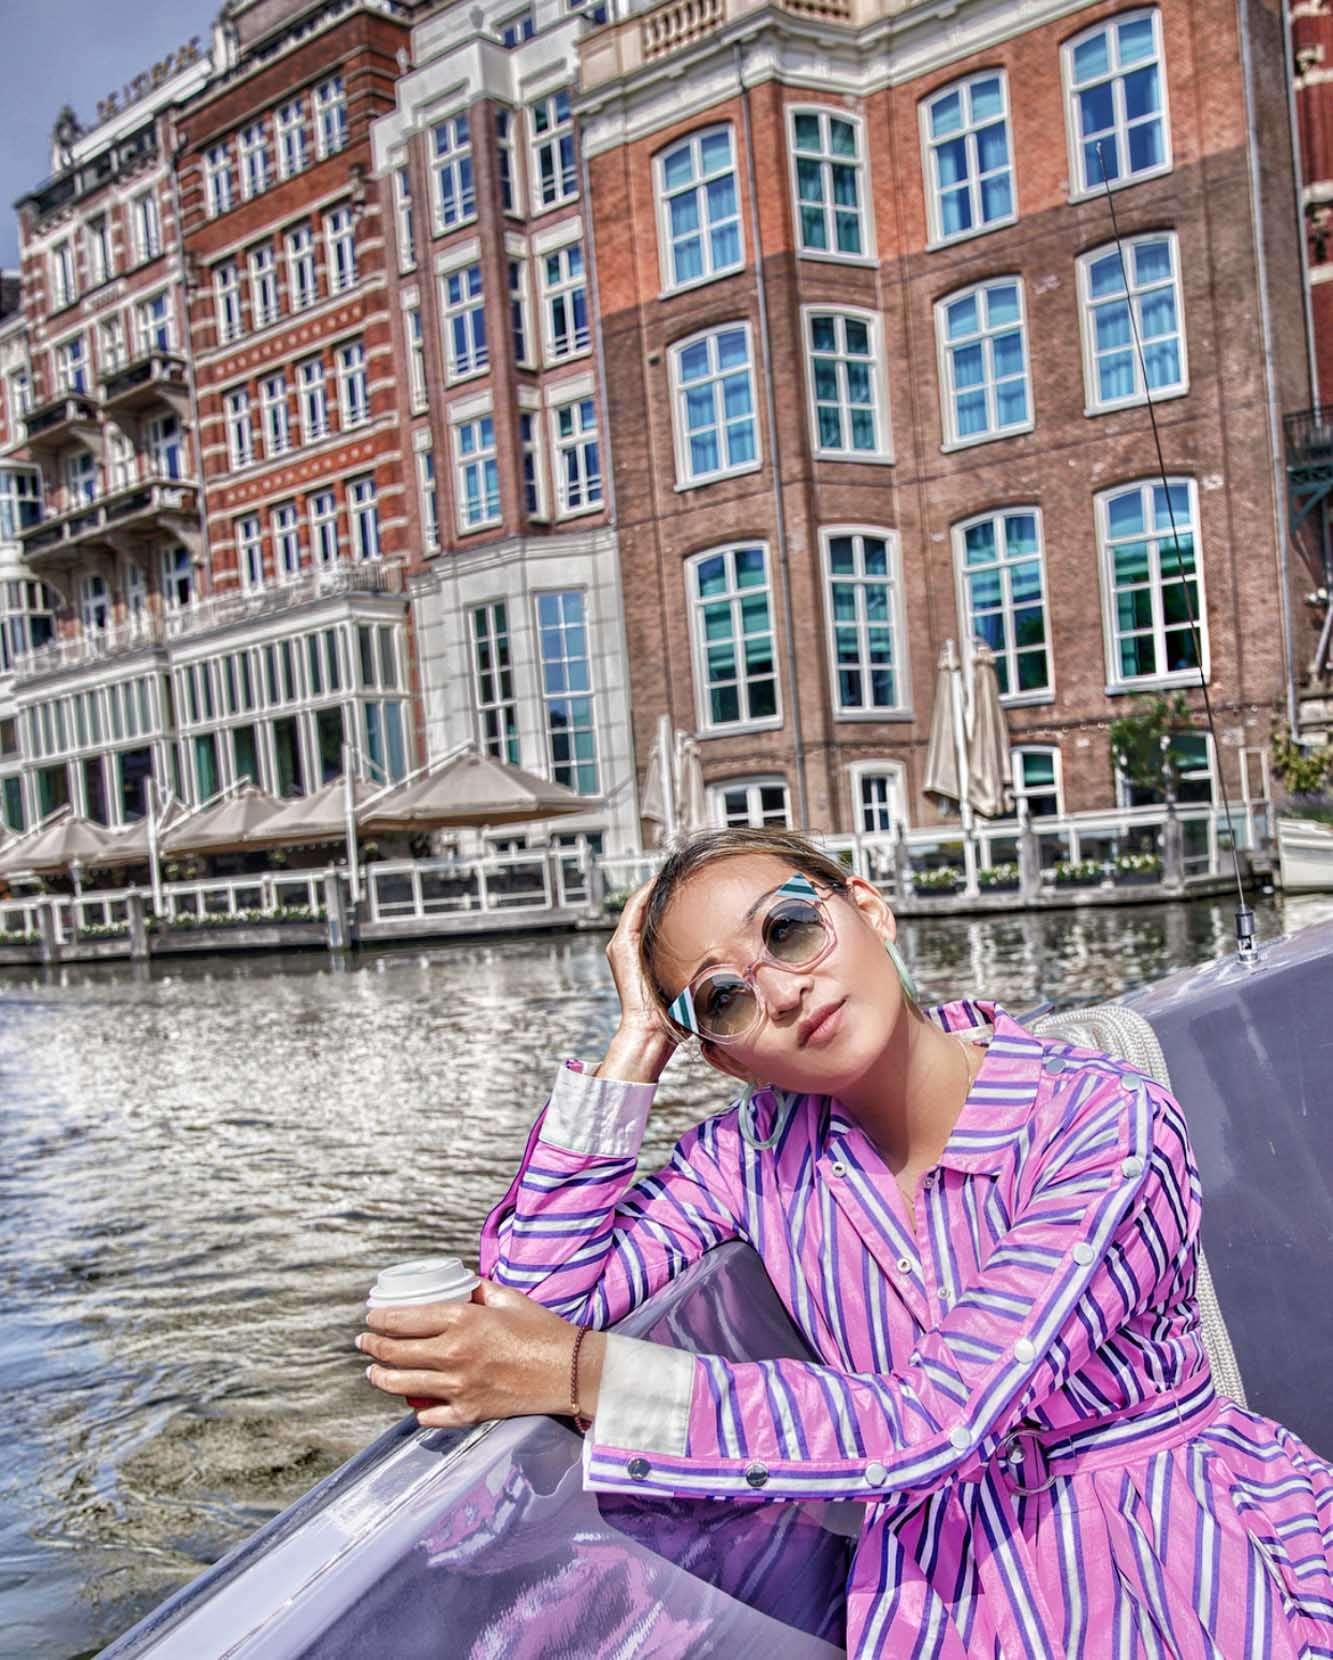 Amsterdam Canal Cruise, U by Uniworld